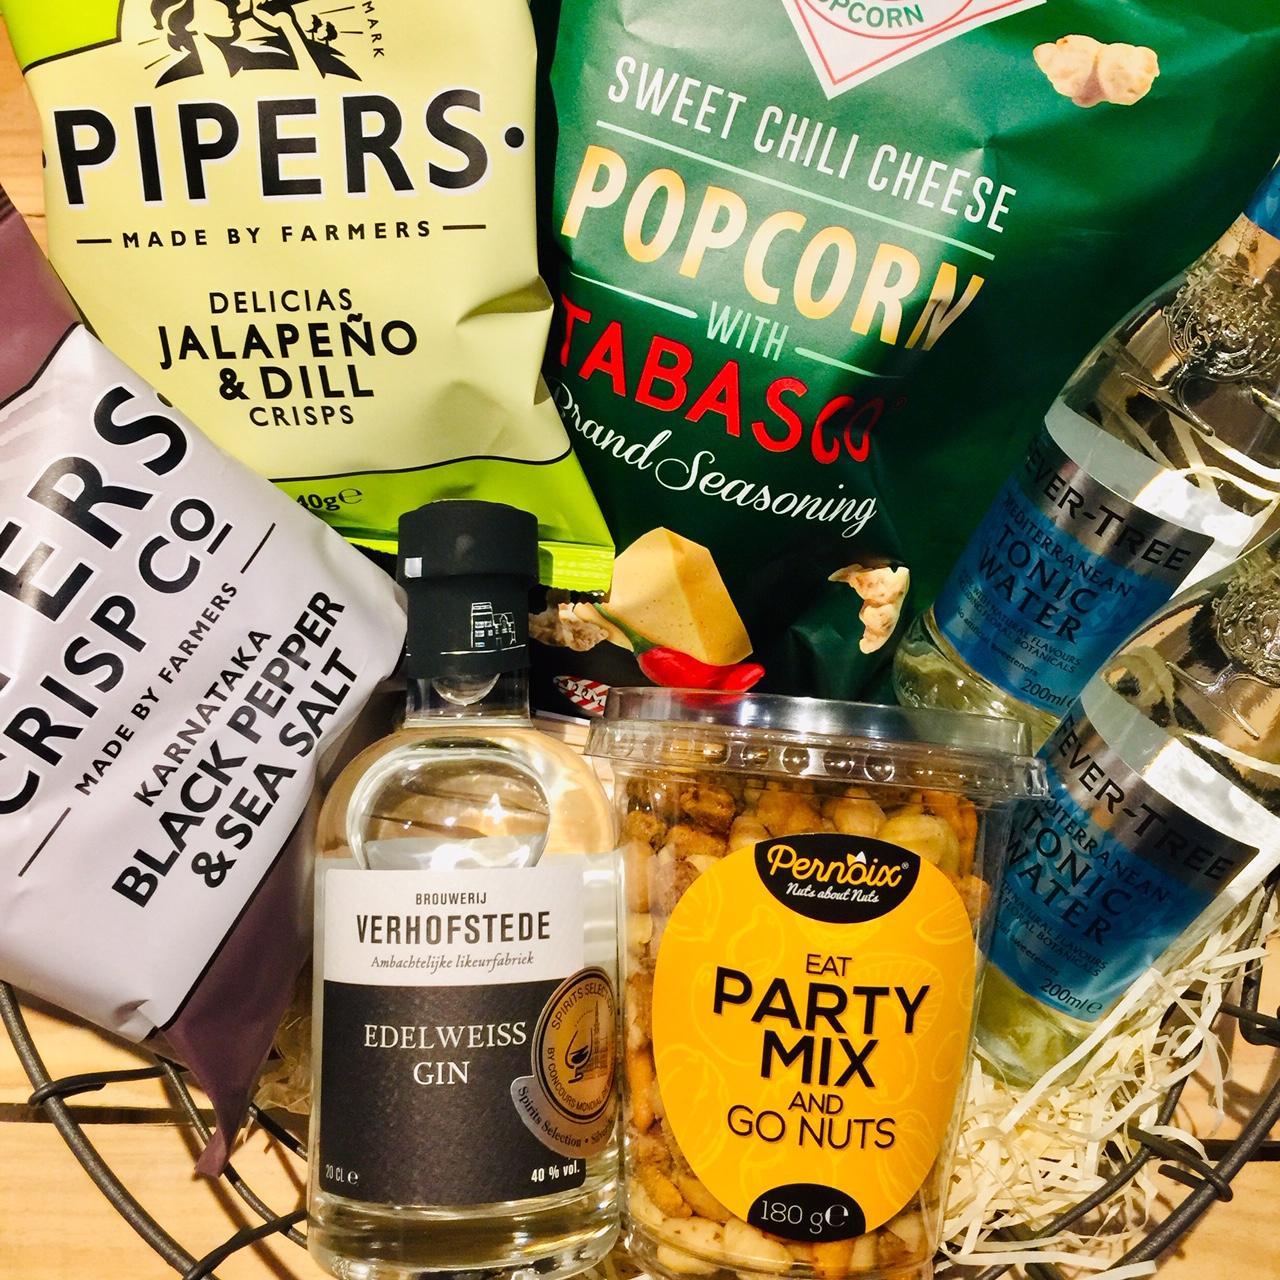 Afbeelding Aperopakket Edelweiss Gin & Pipers